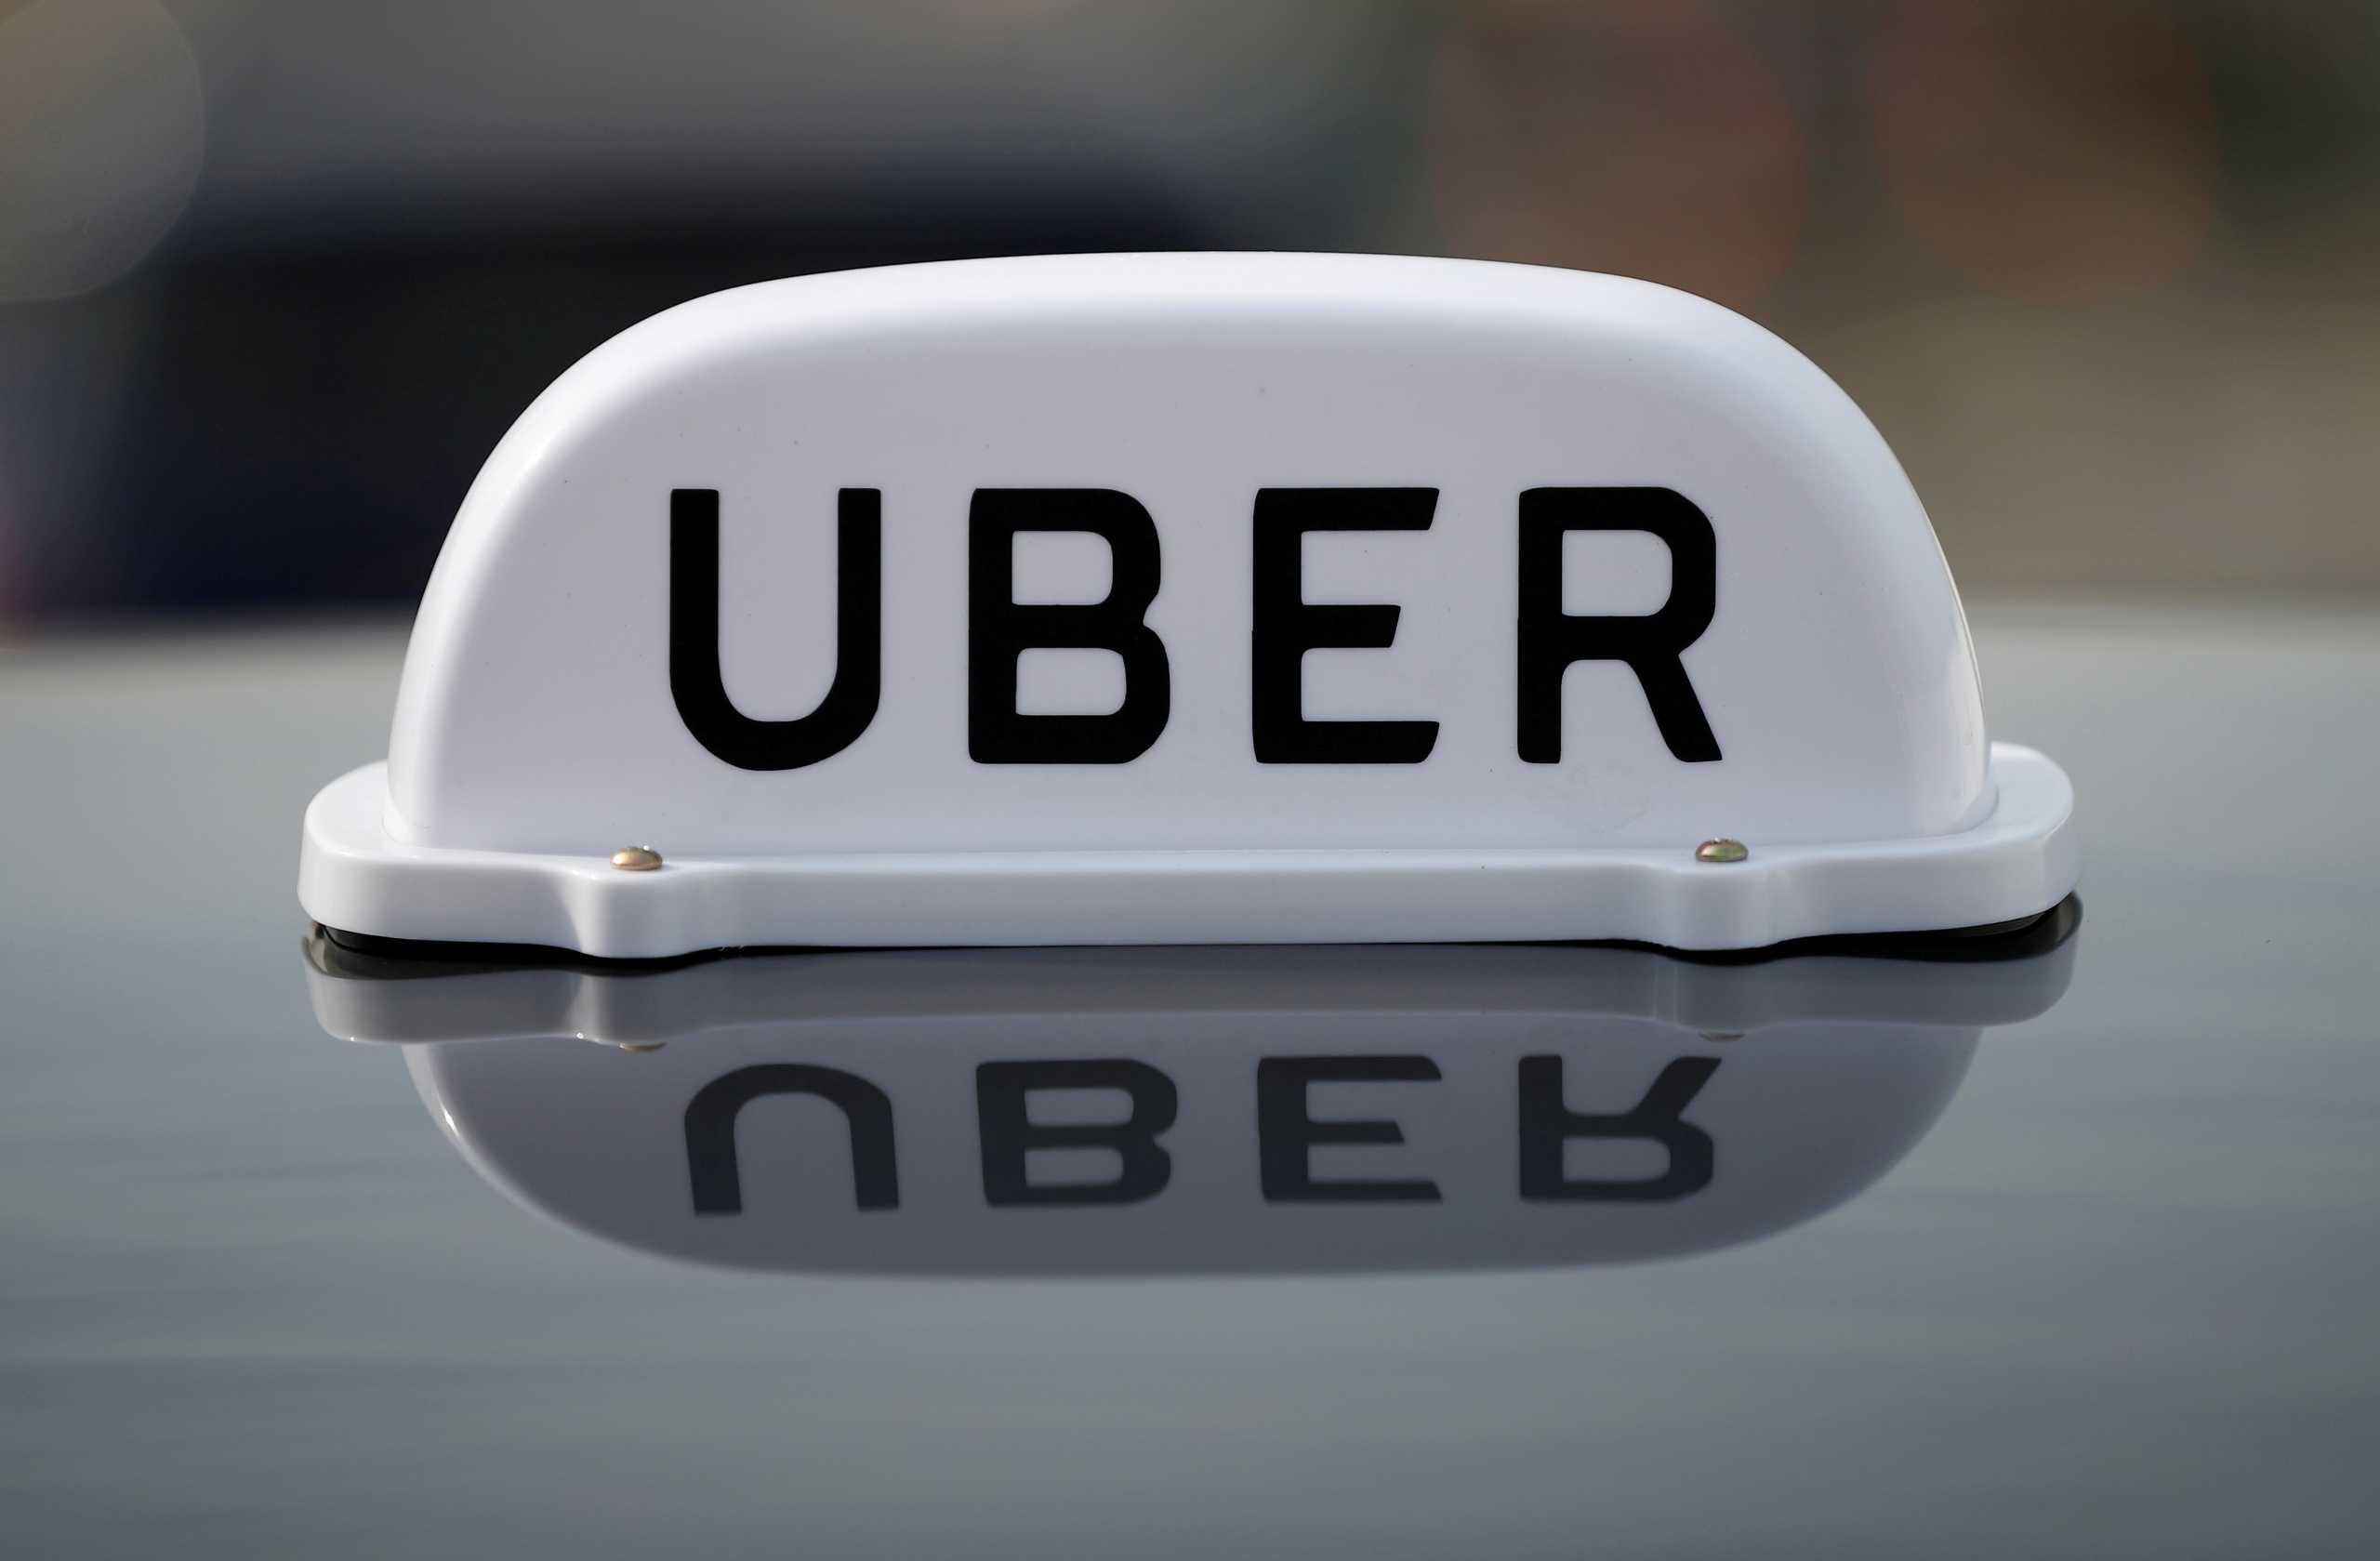 Βρετανία: Δύο οδηγοί της UBER άνοιξαν το δρόμο για εργασιακά δικαιώματα